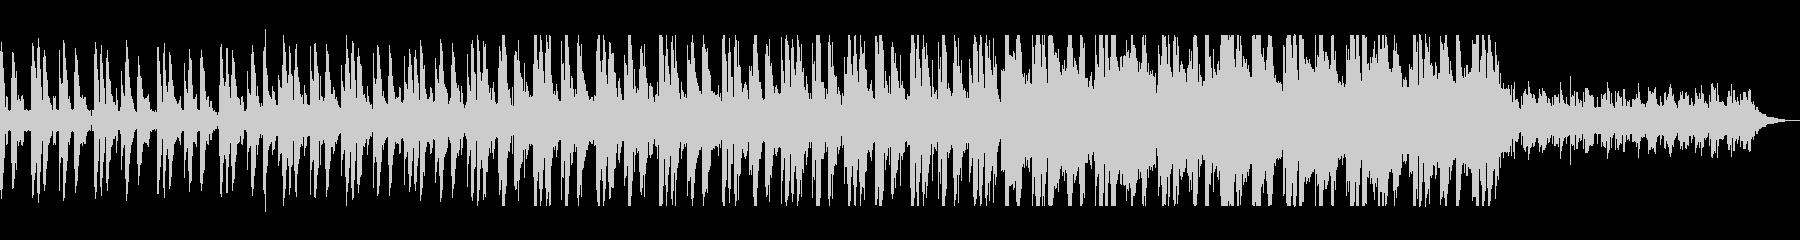 ポリリズムが彩るエレクトロポップの未再生の波形